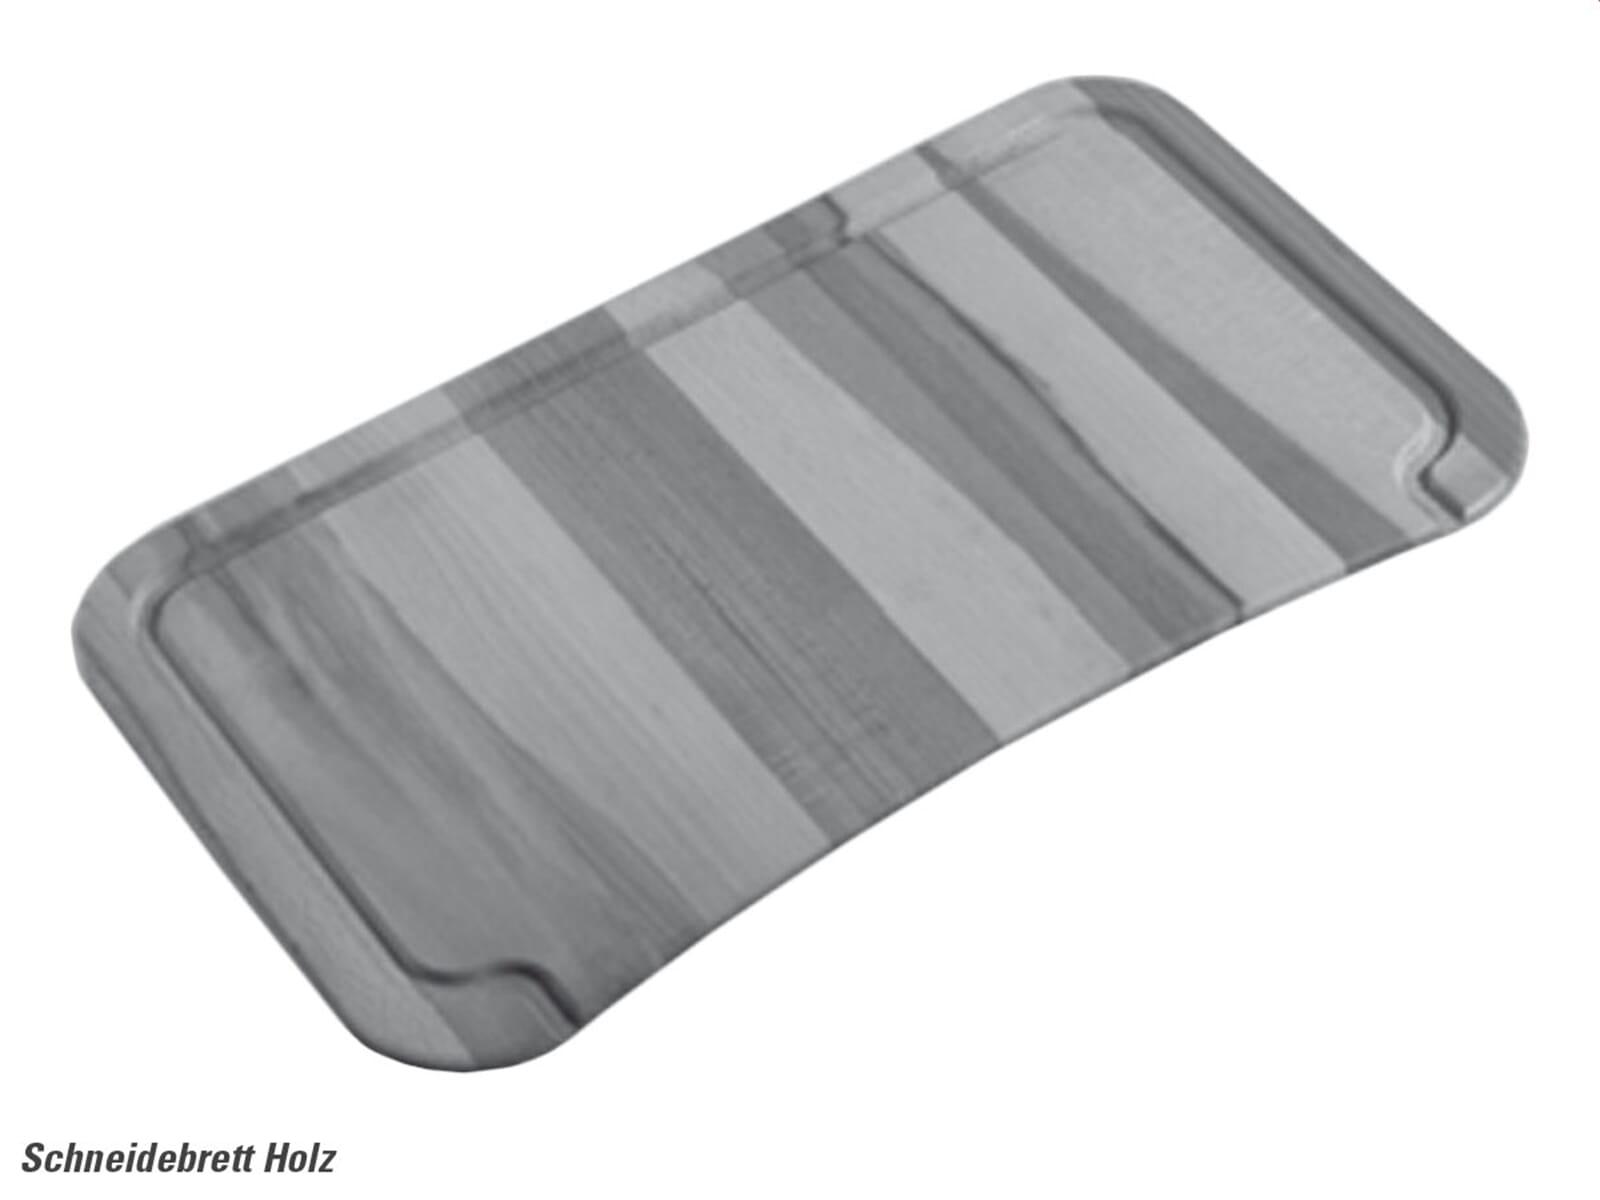 Produktabbildung Schneidebrett Holz 0742